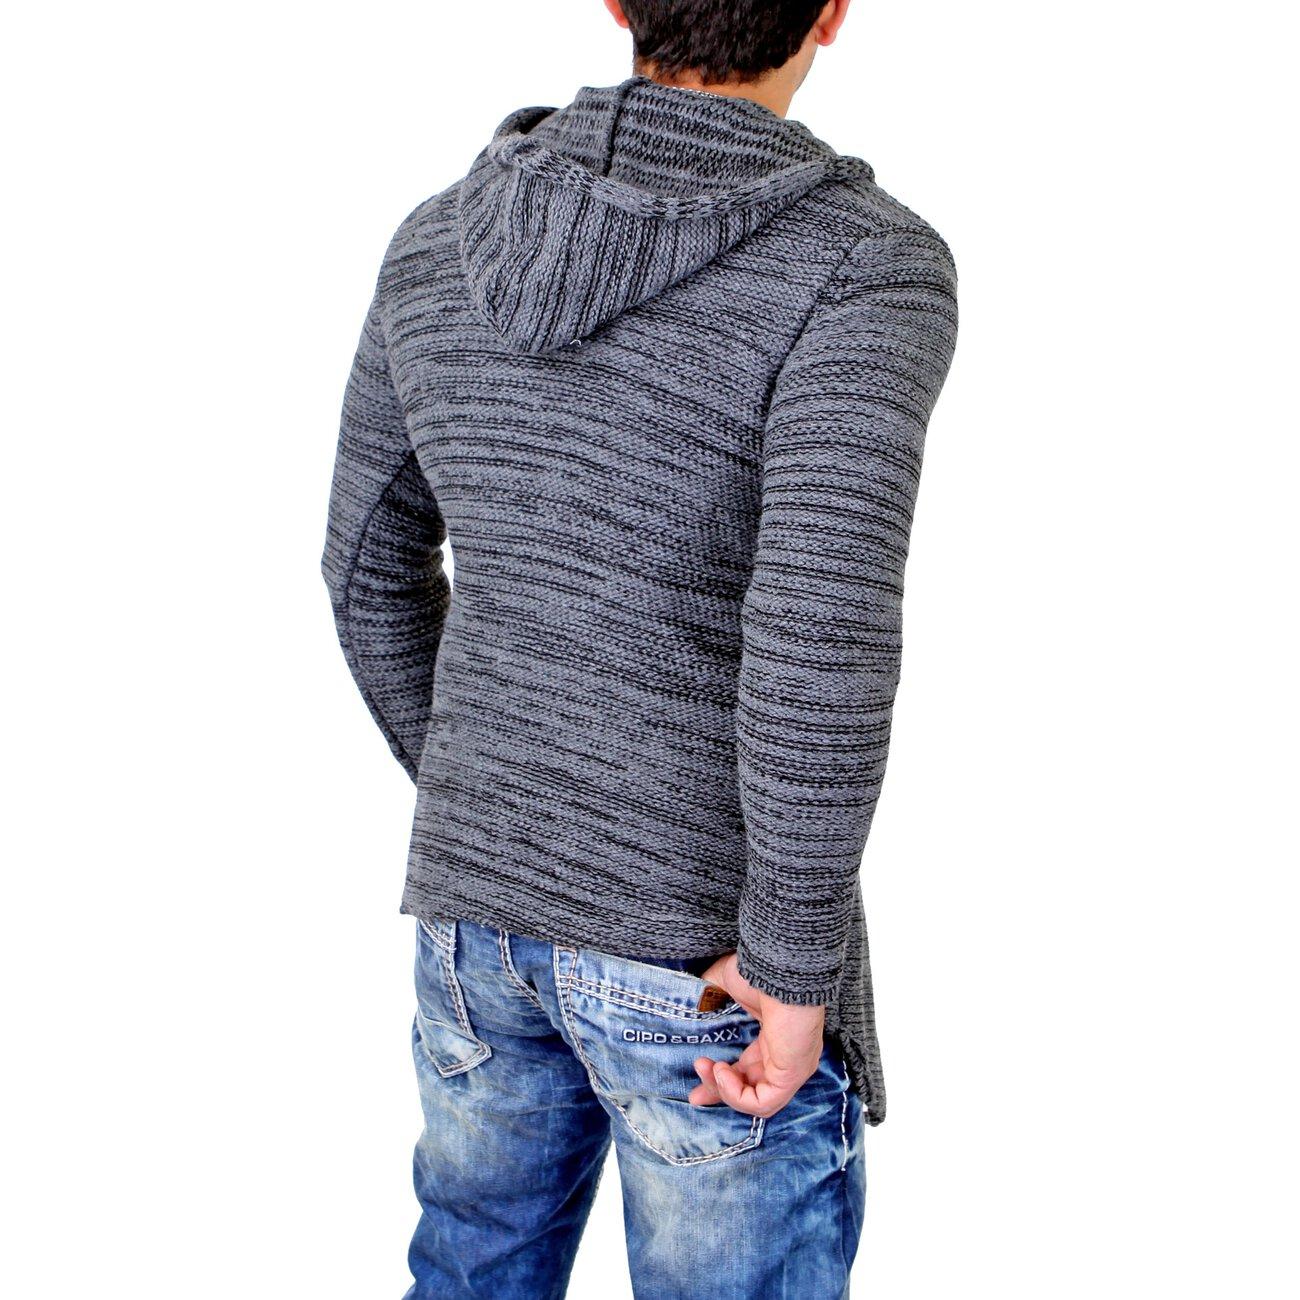 tazzio strickjacke herren lange jacke mit kapuze g nstig. Black Bedroom Furniture Sets. Home Design Ideas